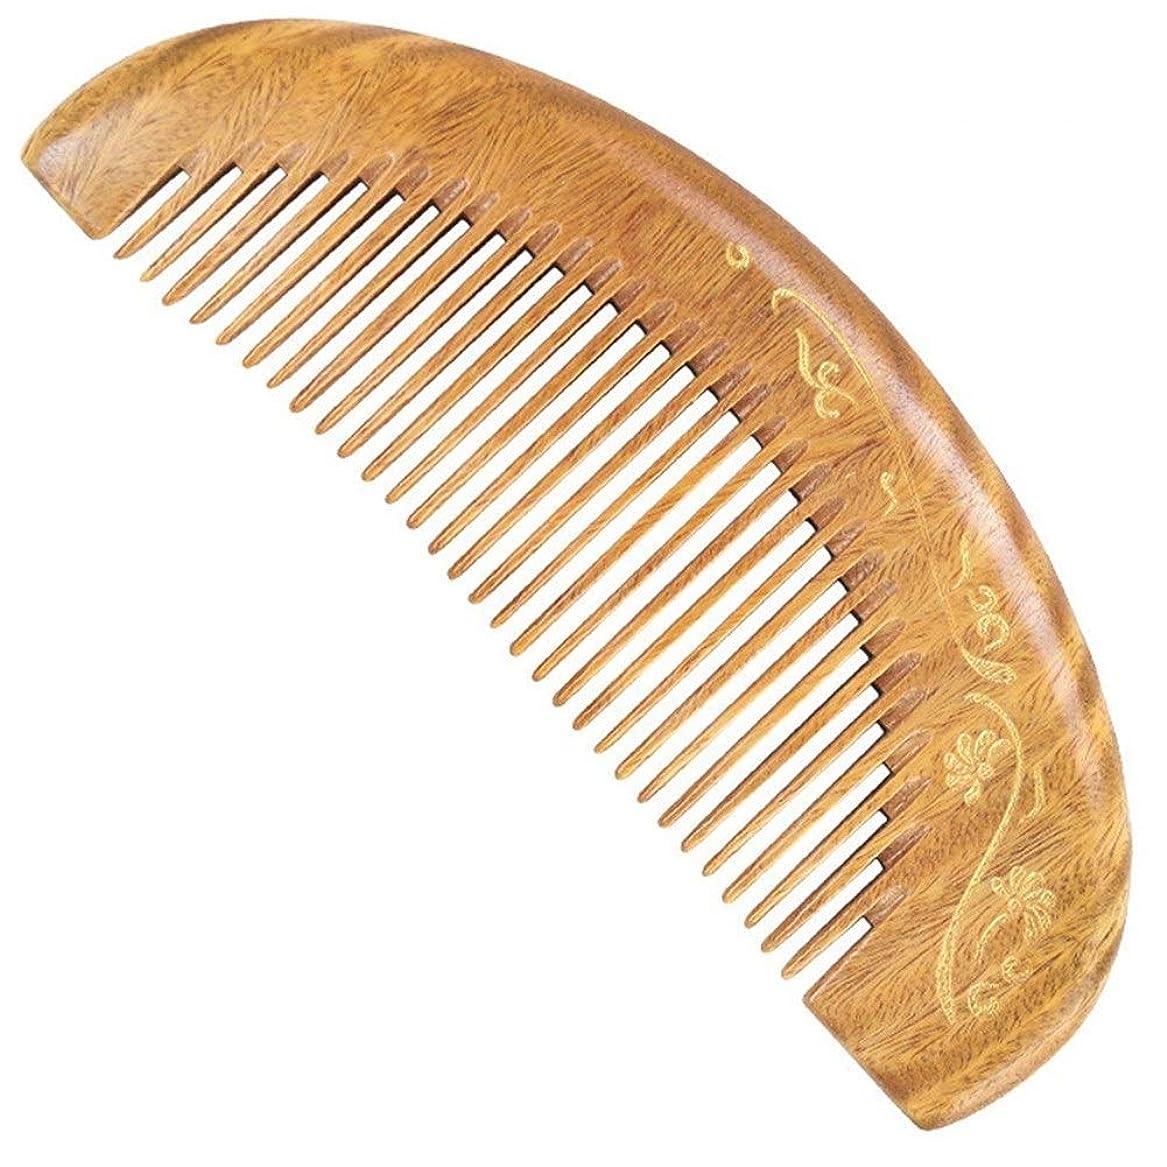 満足粗いあまりにもGuomao グリーンサンダルウッドコームナチュラルサンダルウッド木製コーム刻まれたゴールドゴールド厚いタイプ (Size : 12.5*4.6*1 cm)